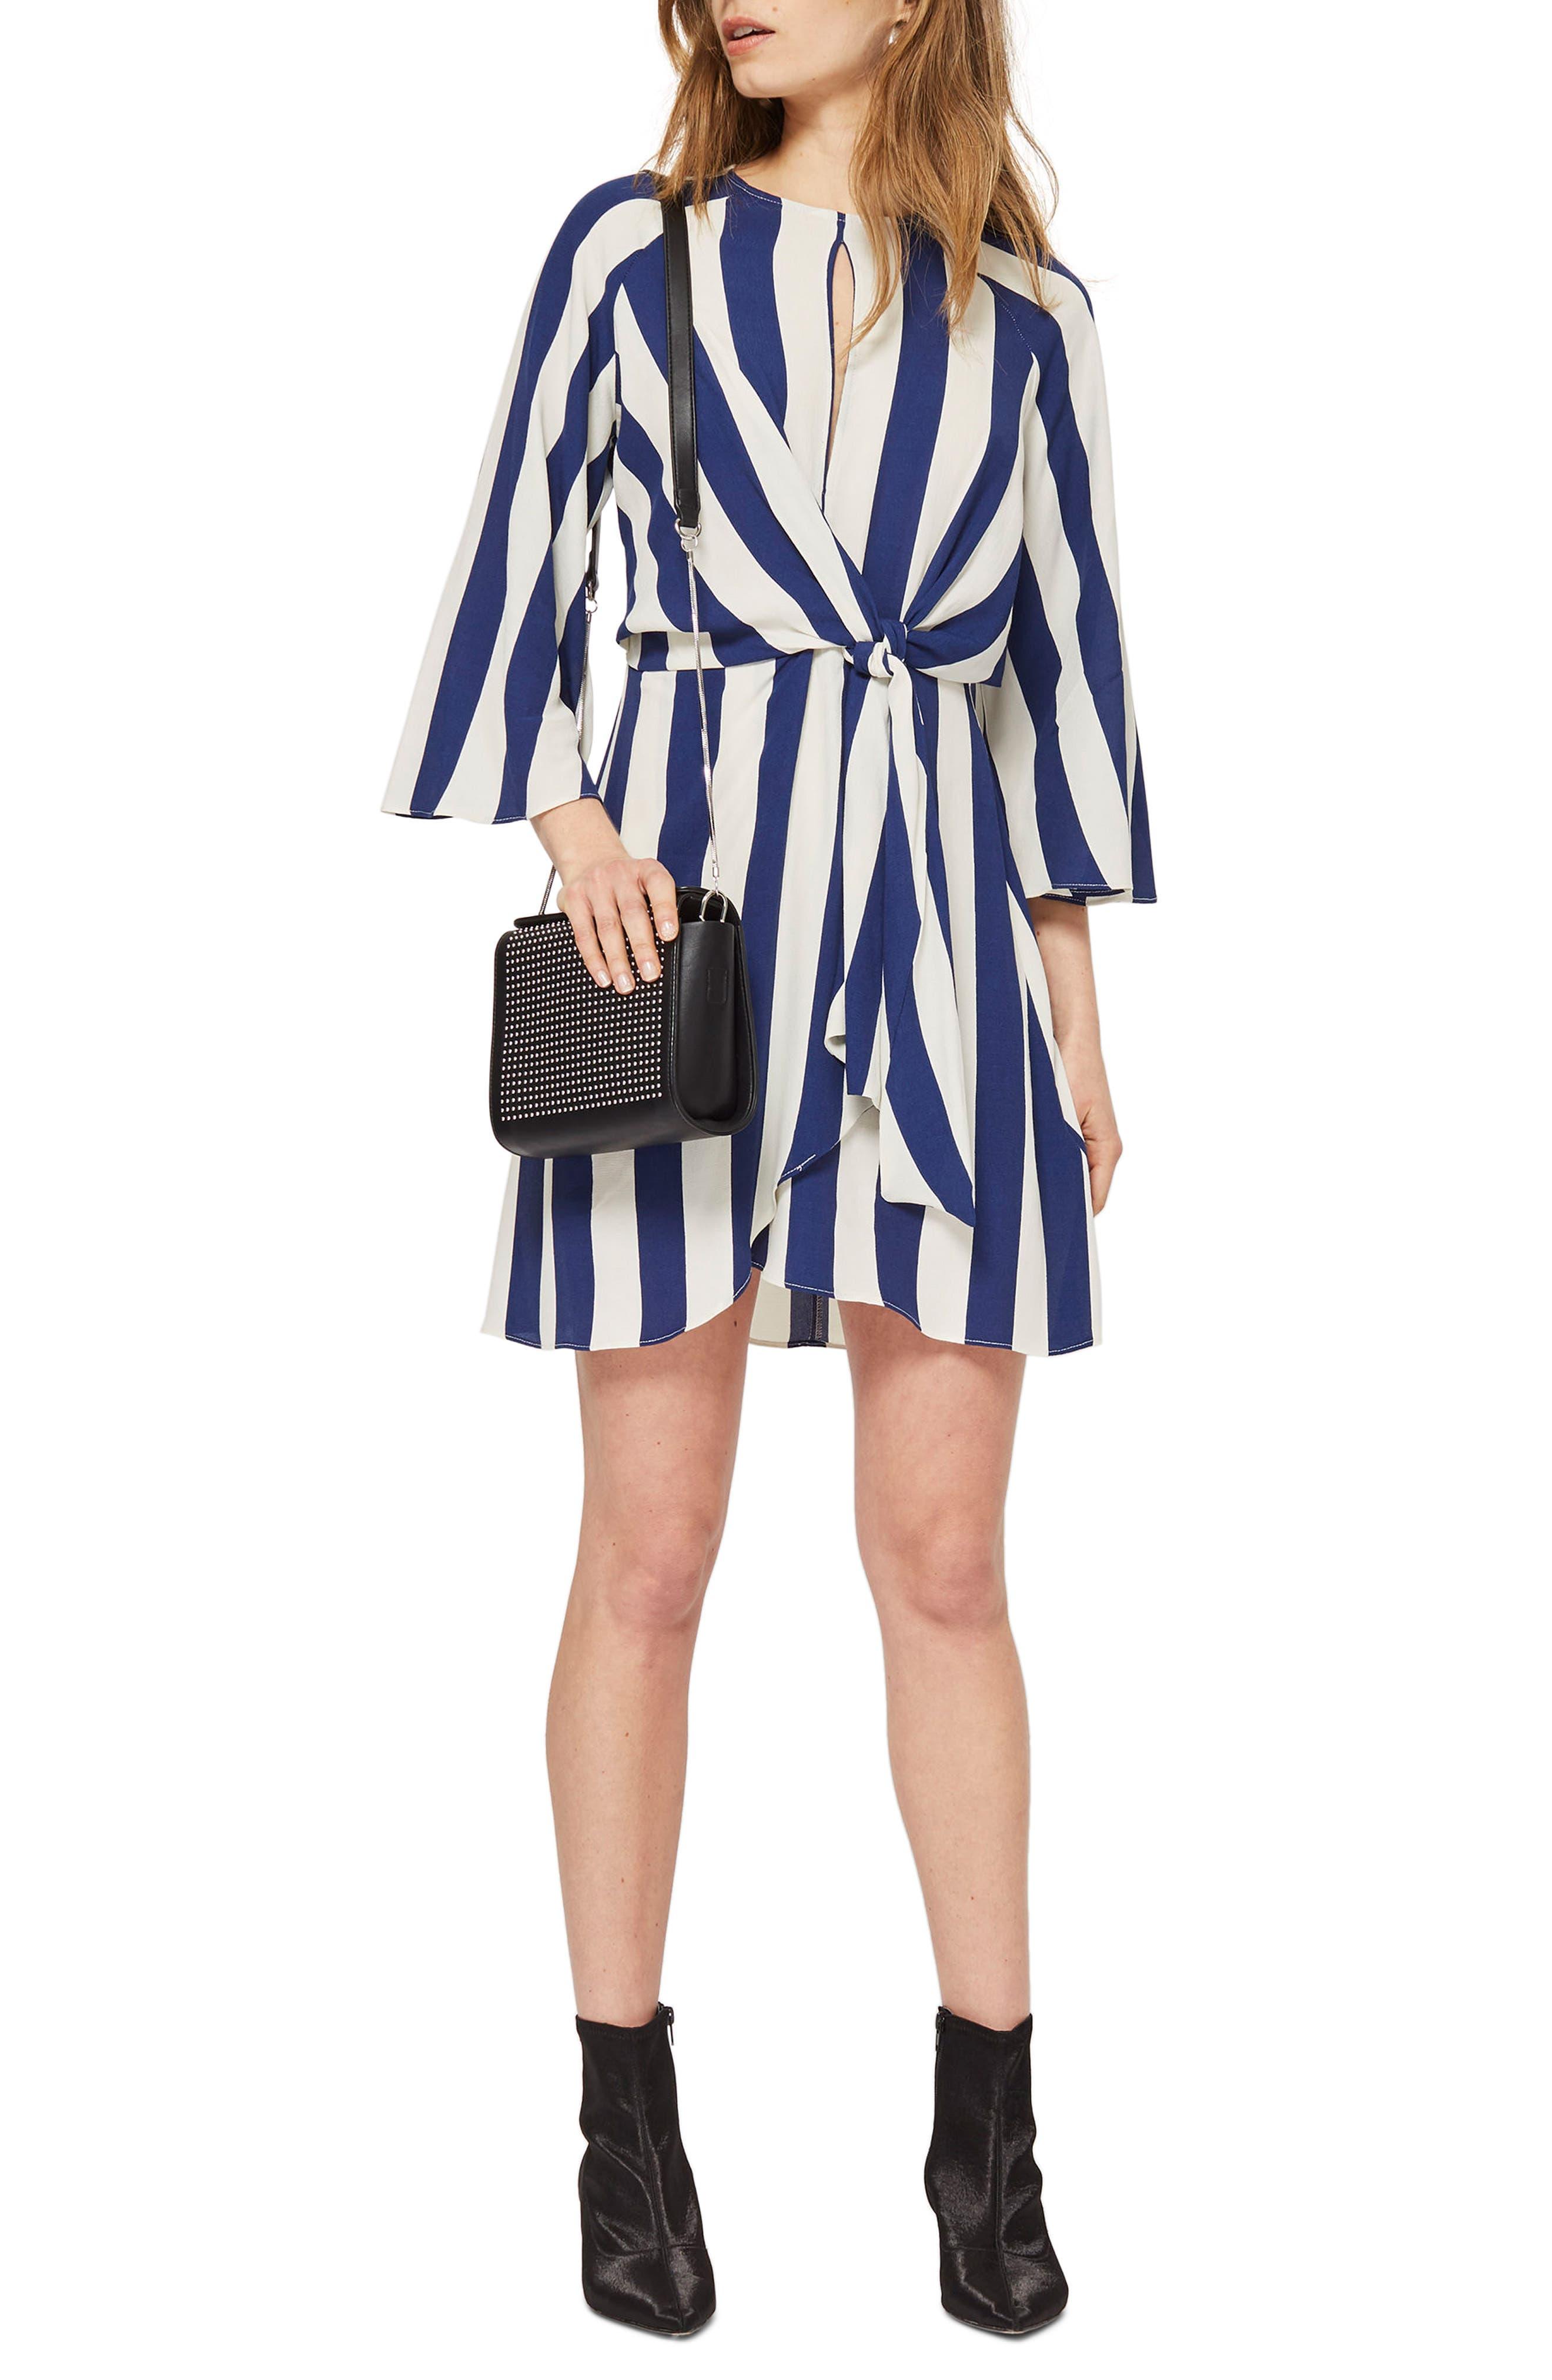 Humbug Stripe Knot Dress,                         Main,                         color, Blue Multi